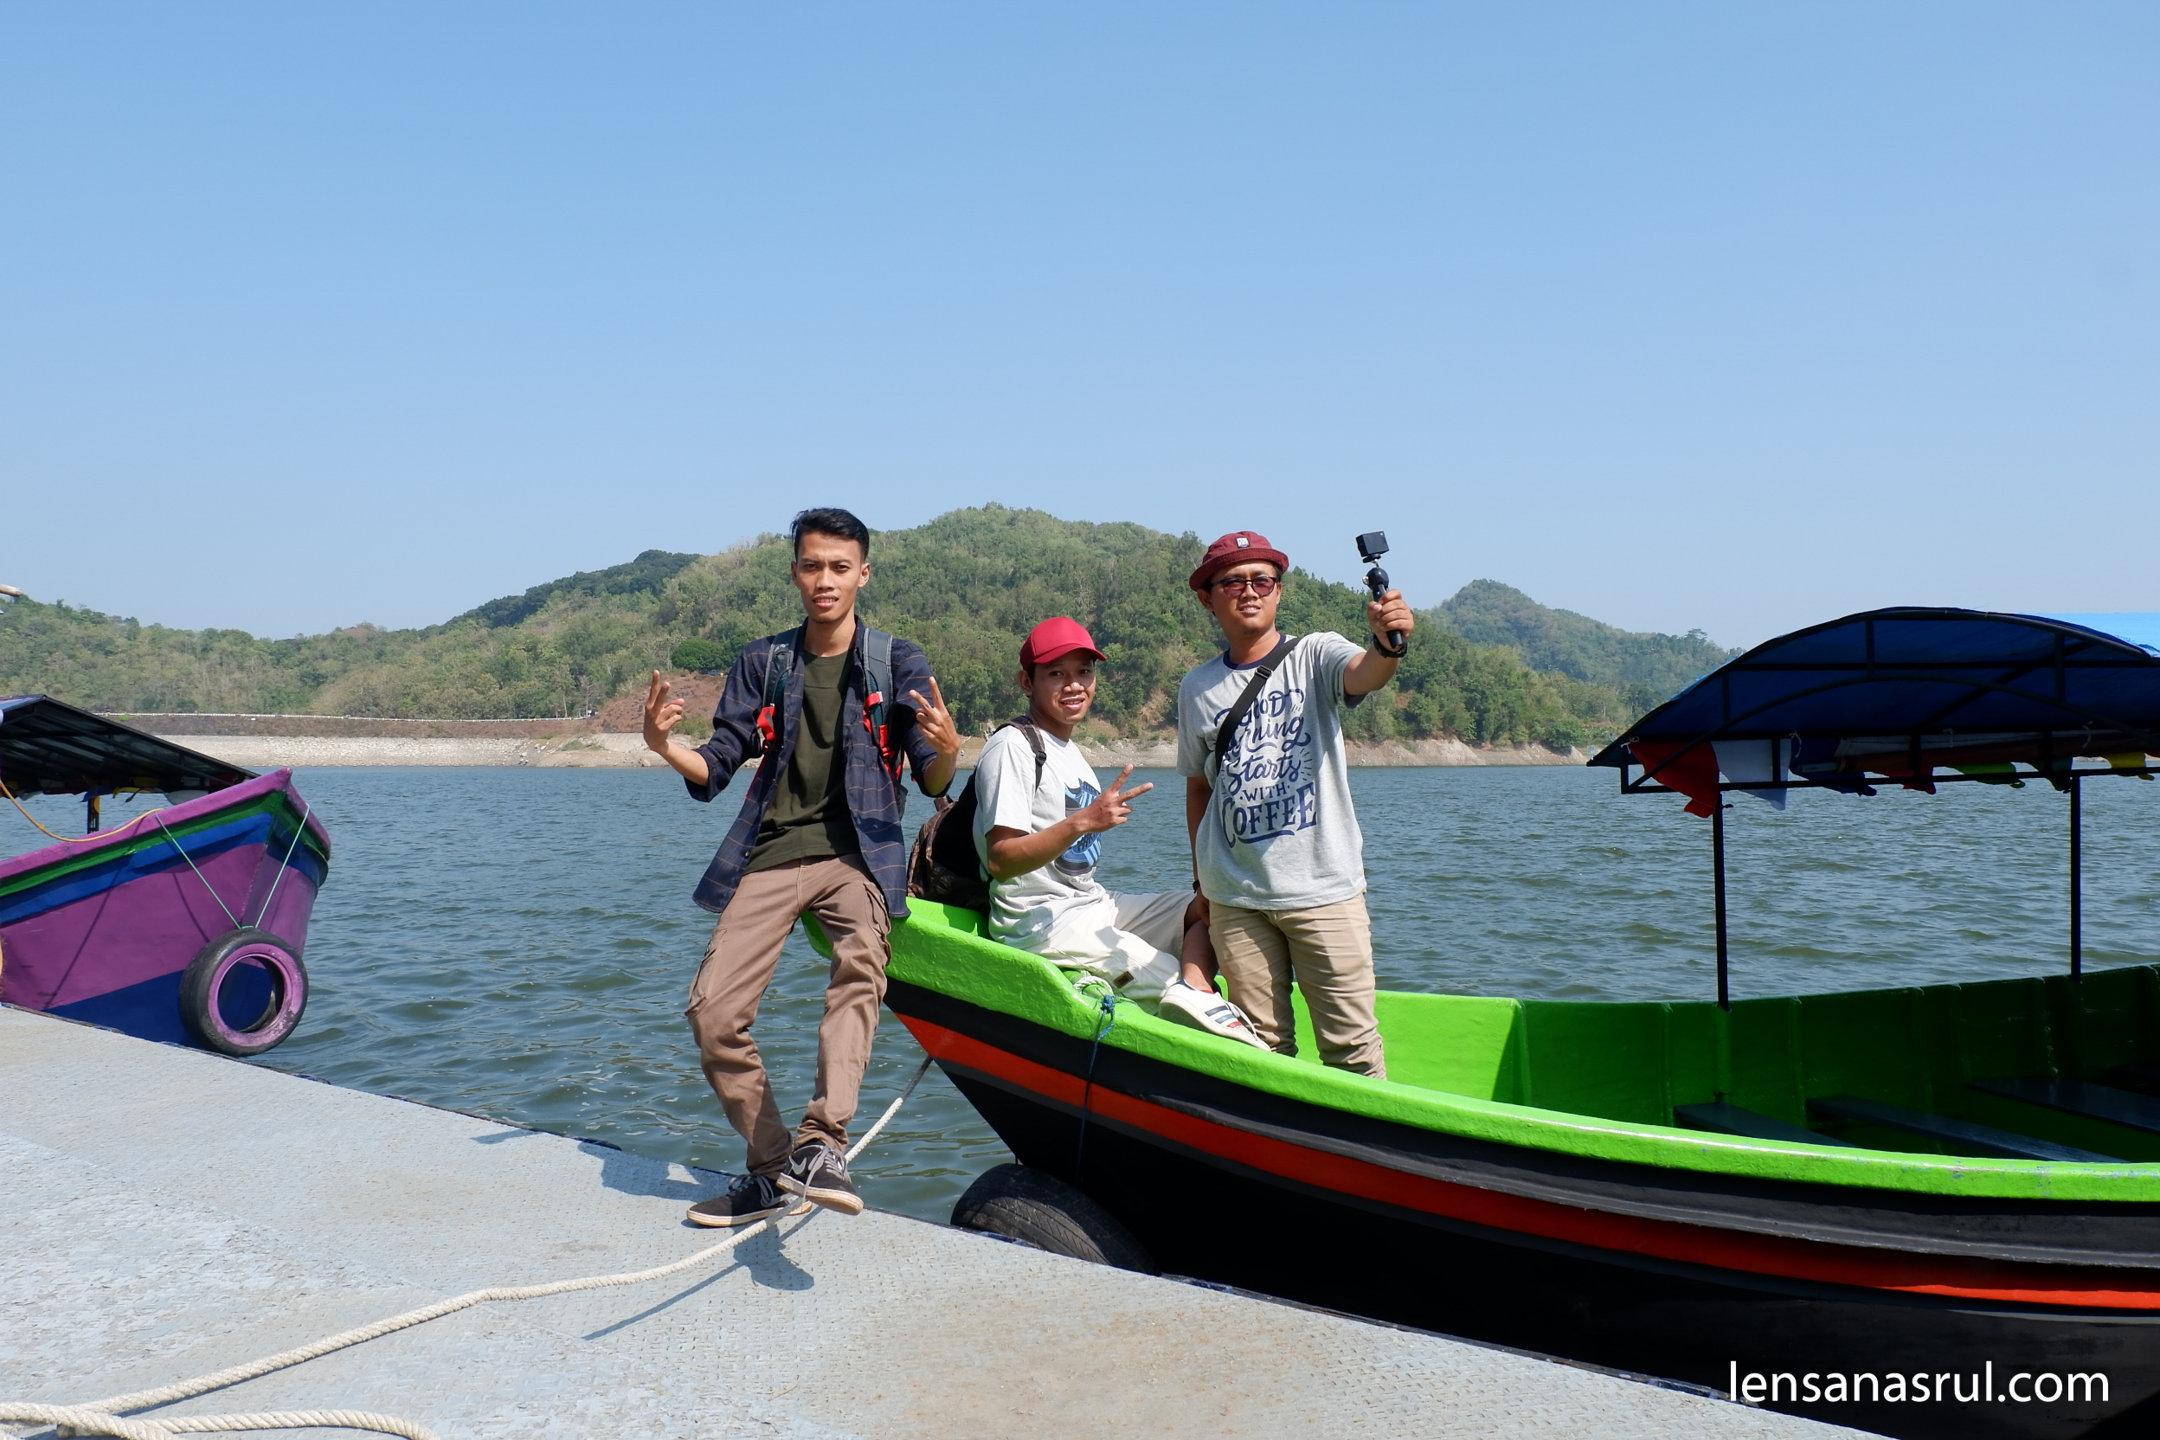 Wisata Perahu waduk sermo kulonprogo yogyakarta